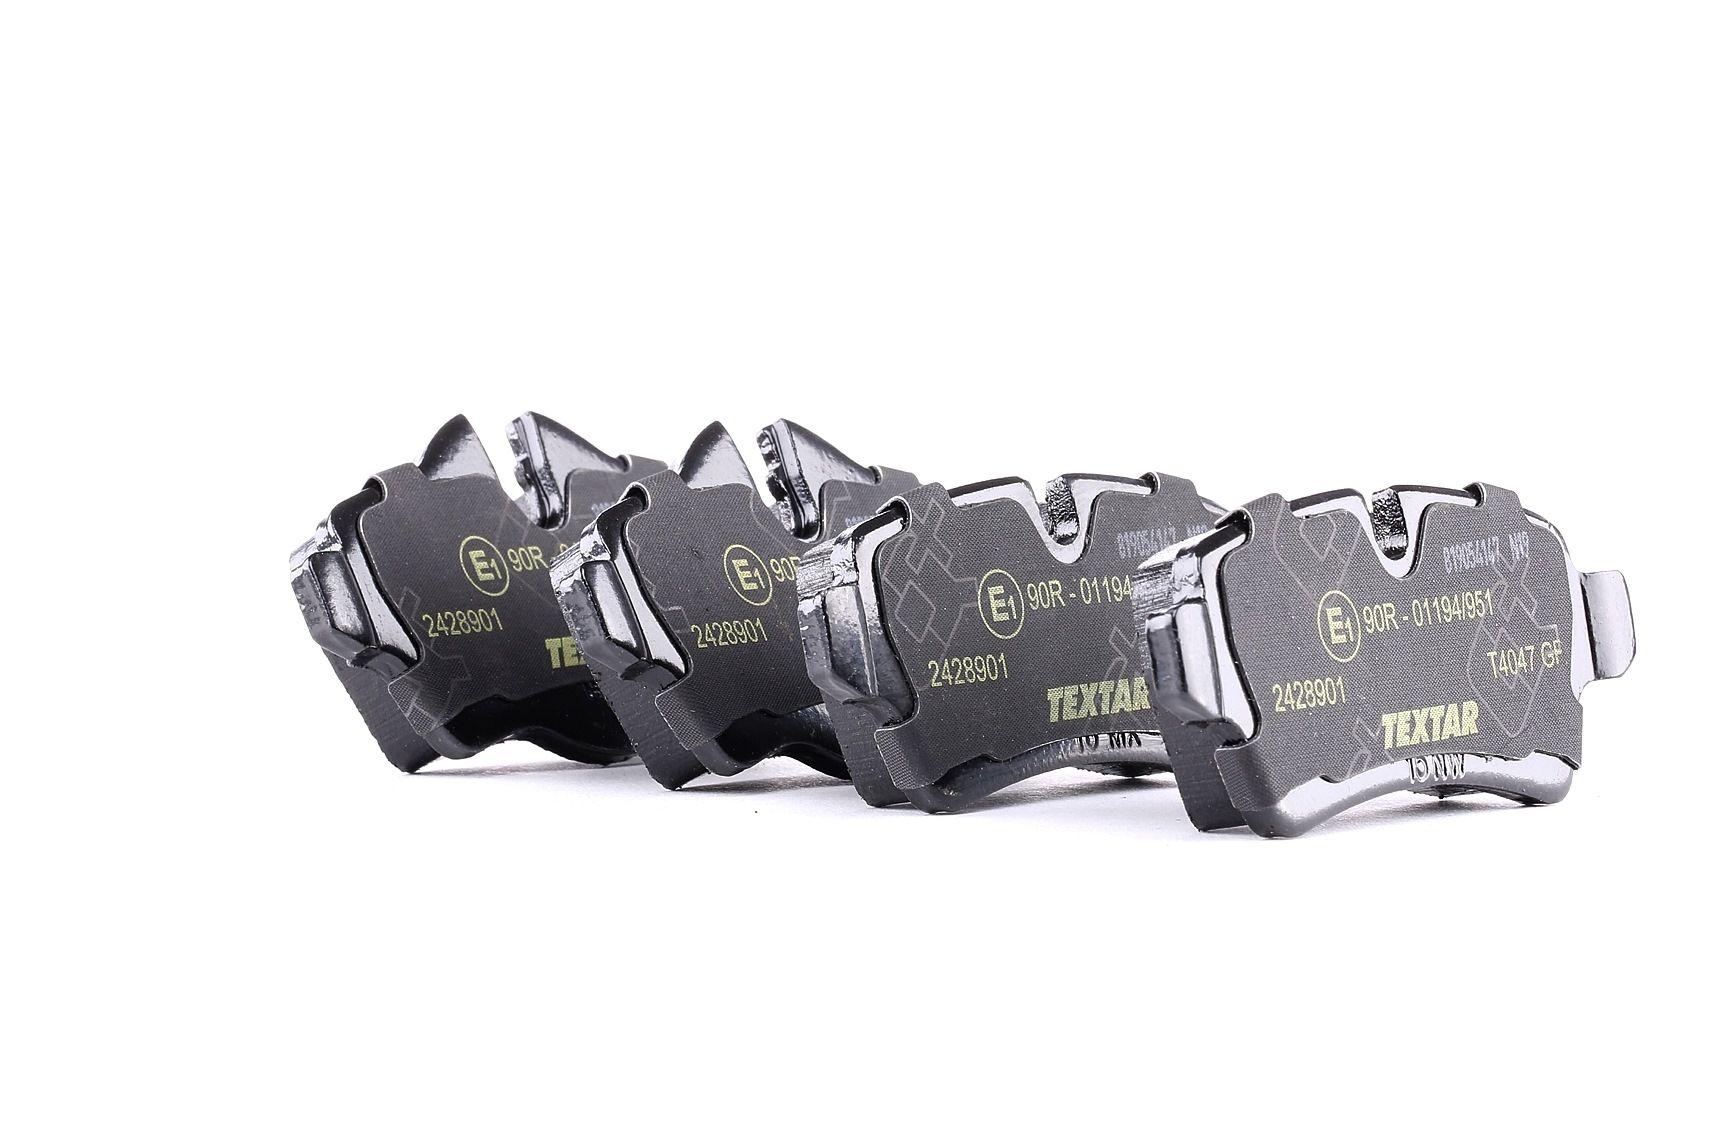 Bremsbelagsatz TEXTAR 2428901